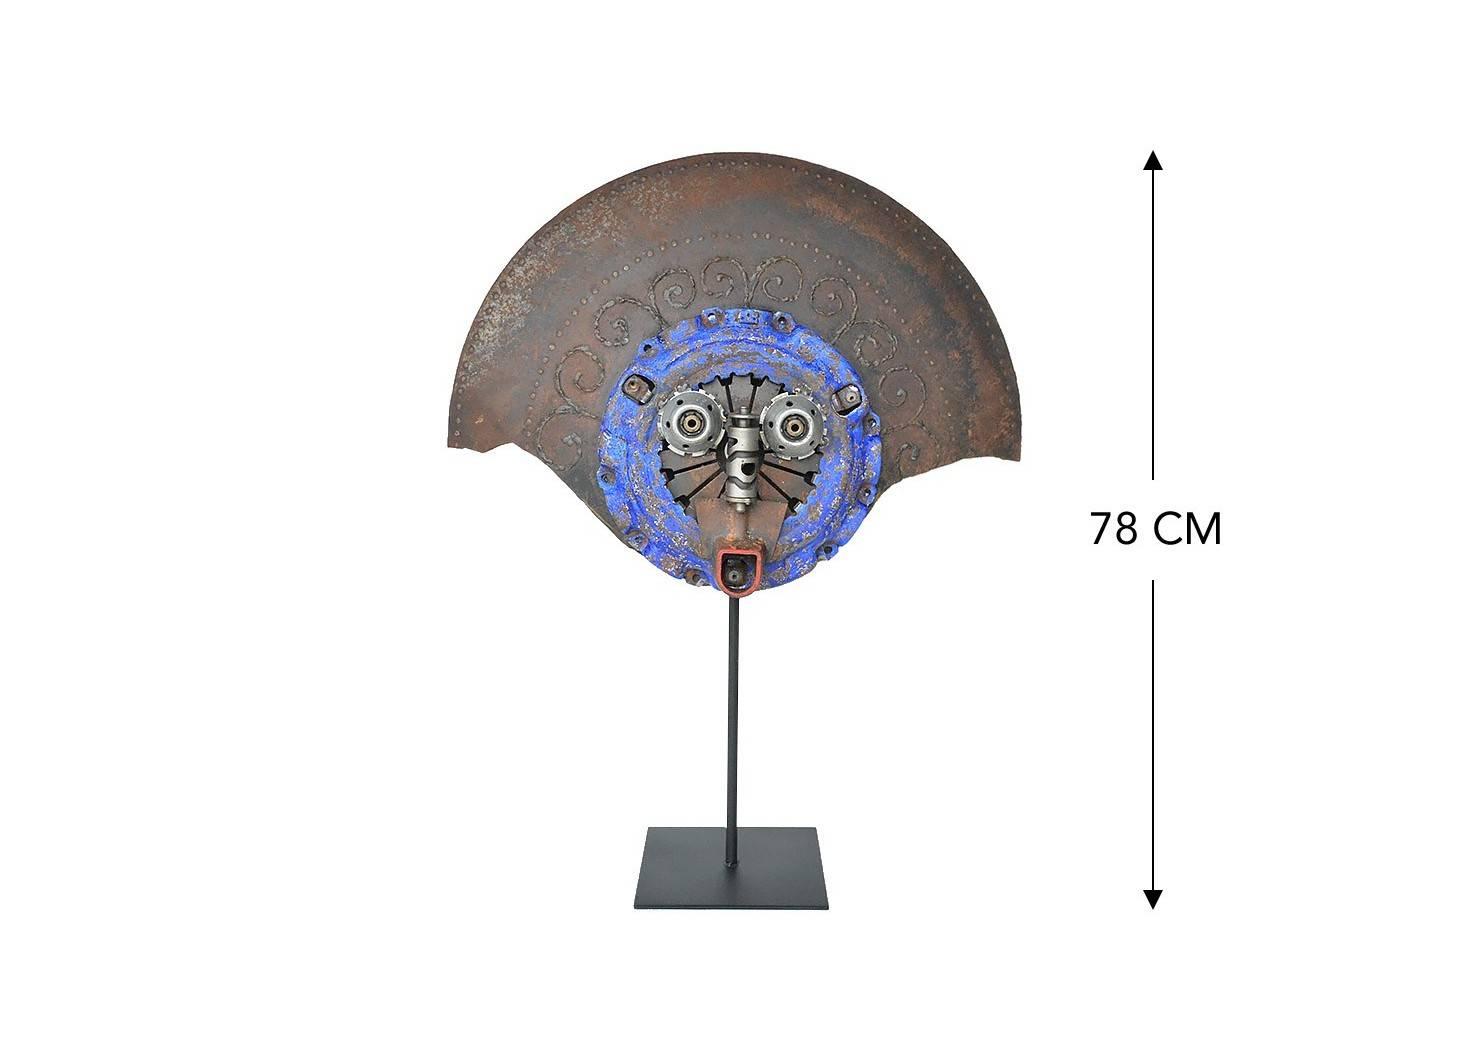 Masque décoratif en métal recyclé - L20